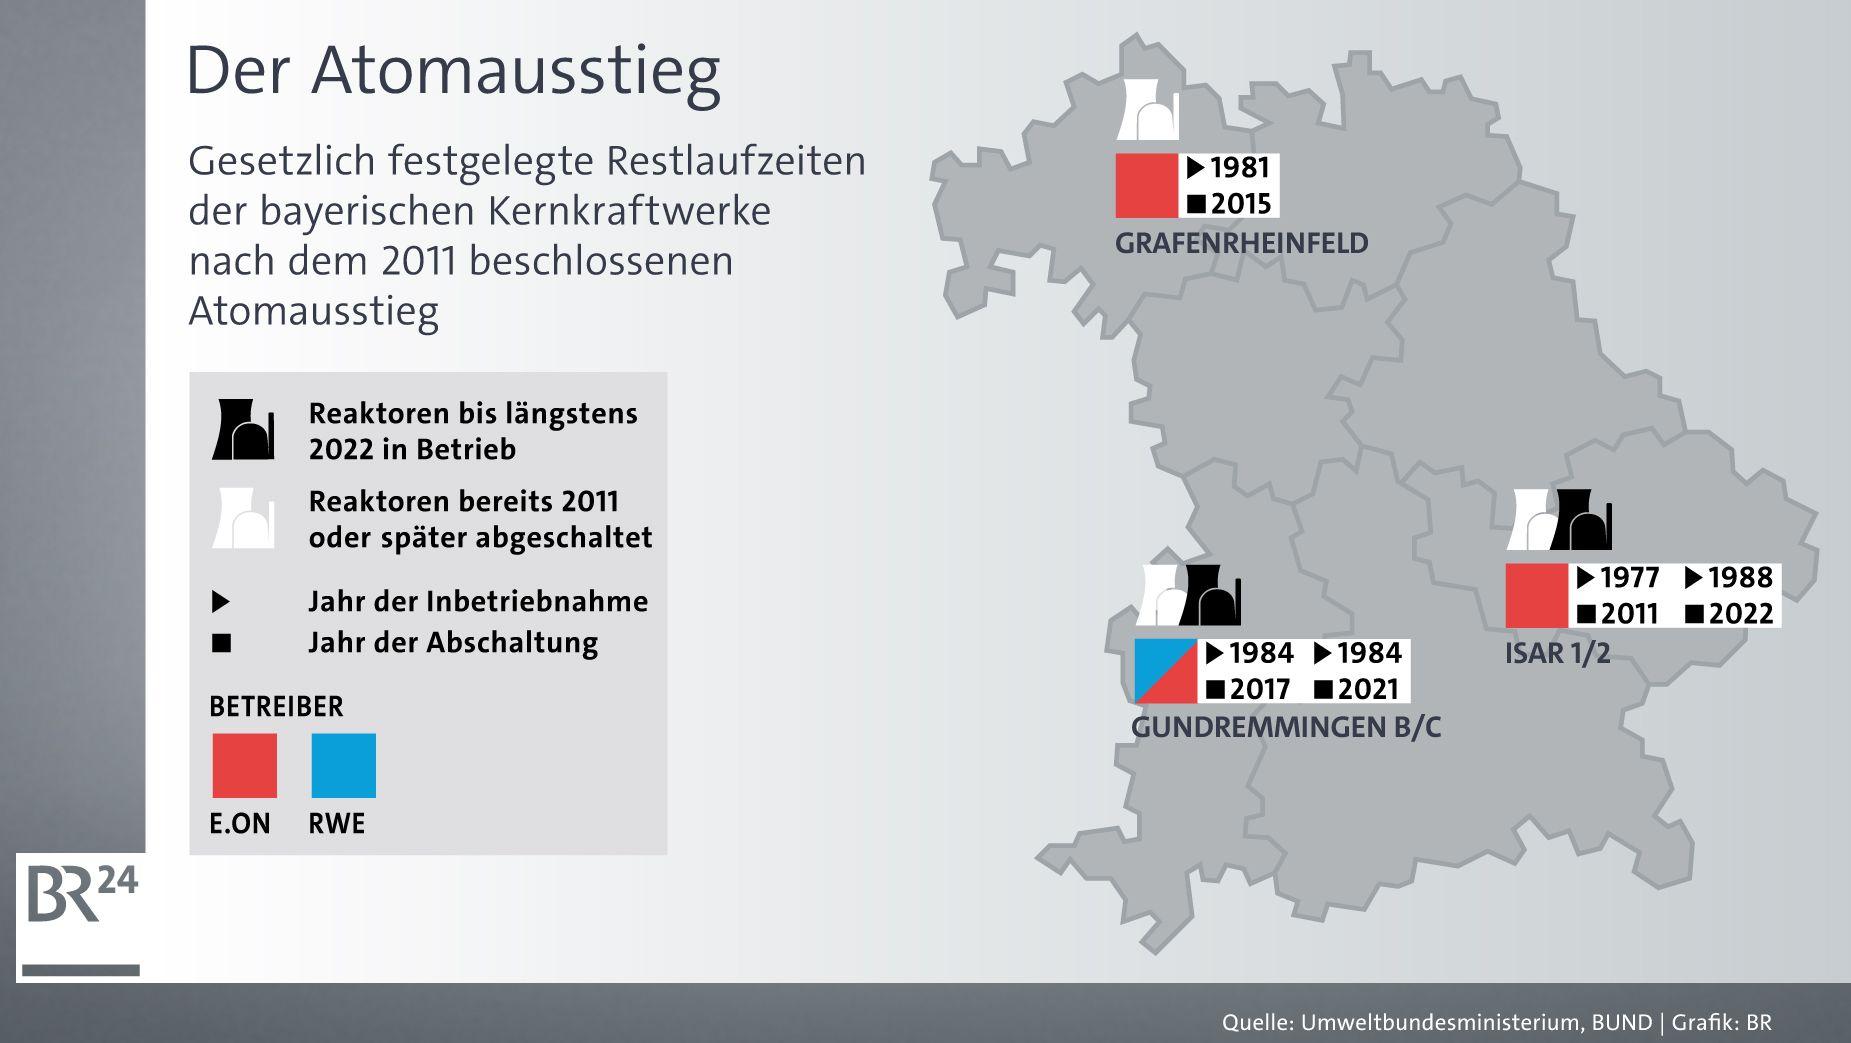 Die bayerischen Atomkraftwerke und ihre Restlaufzeiten nach dem 2011 beschlossenen Atomausstieg